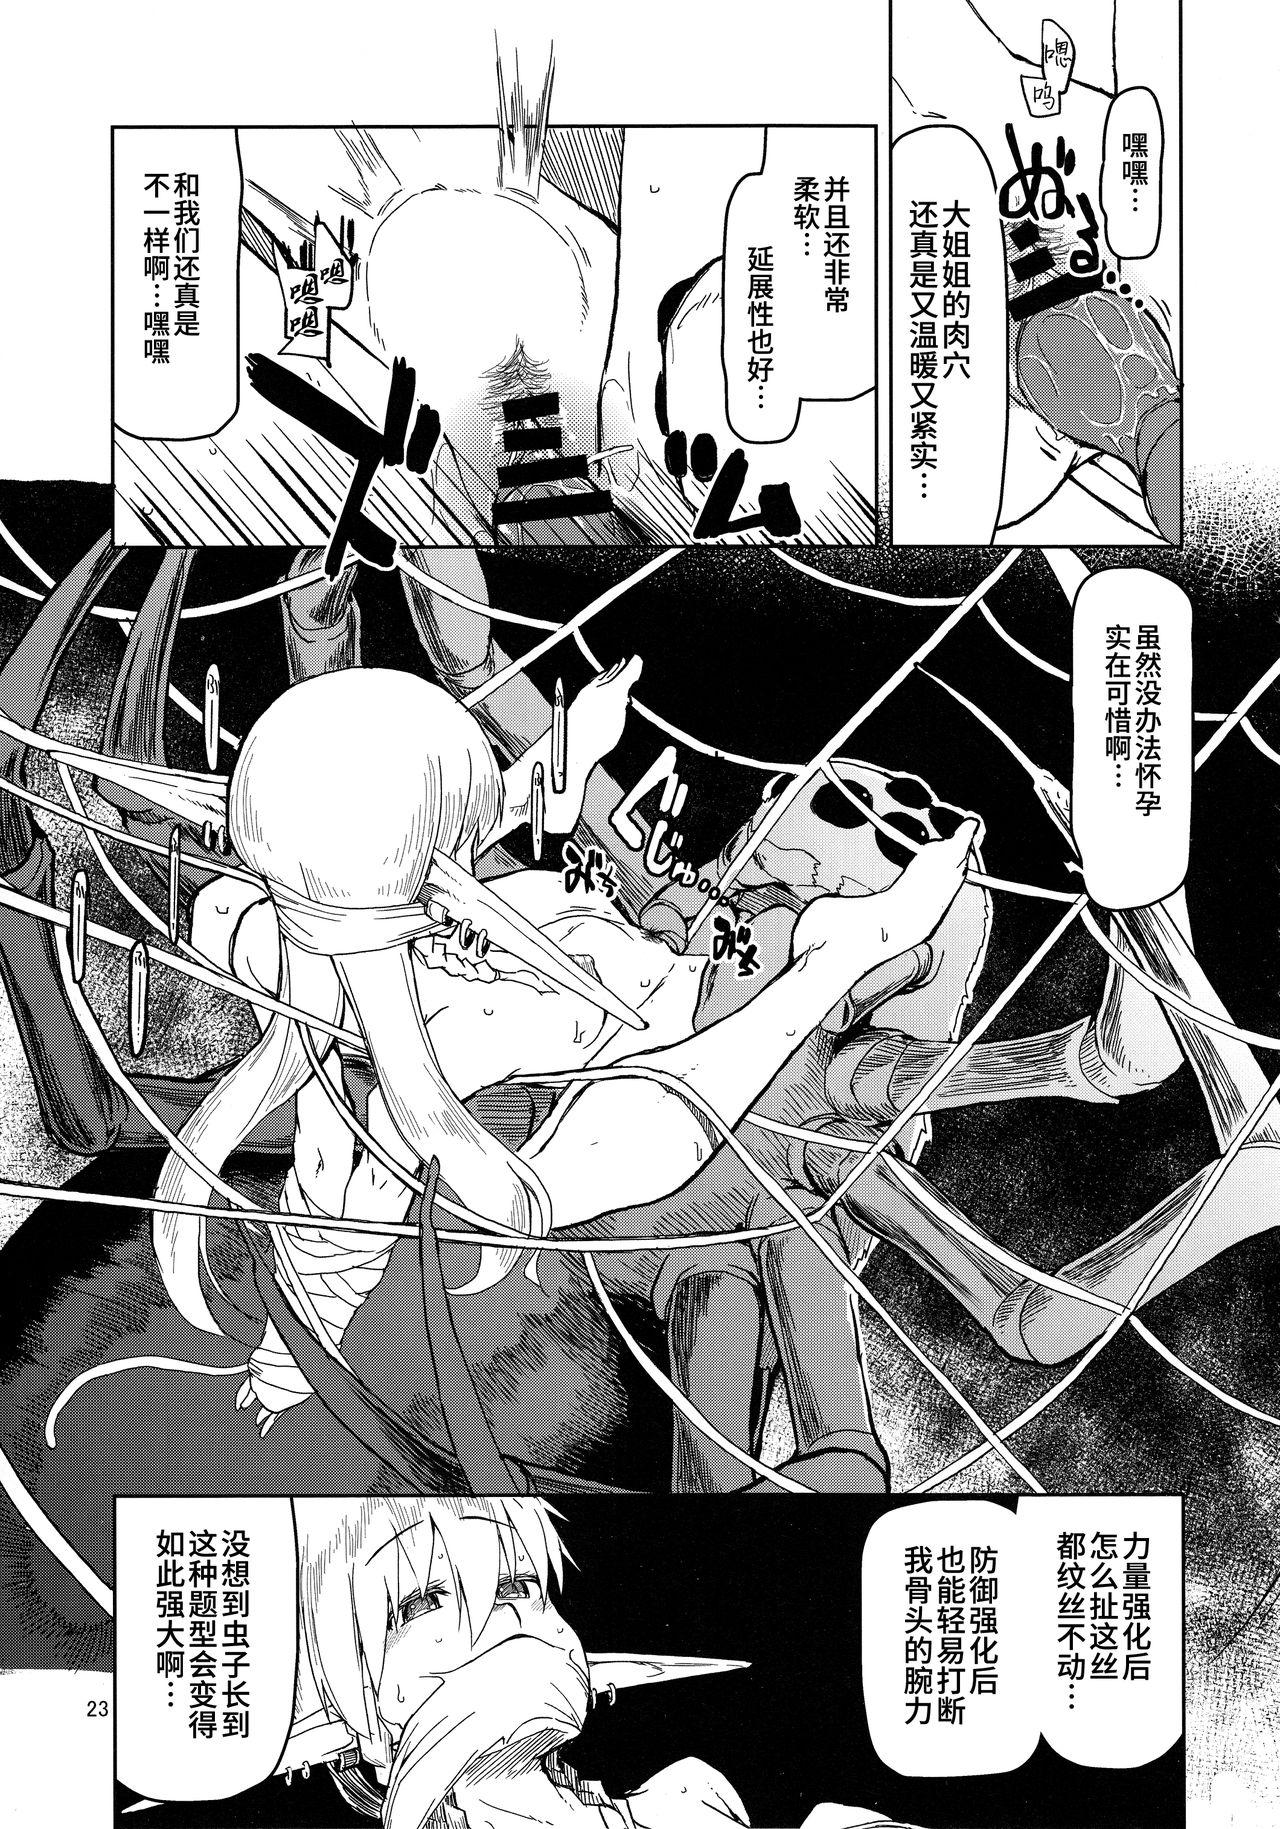 Dosukebe Elf no Ishukan Nikki 5 23